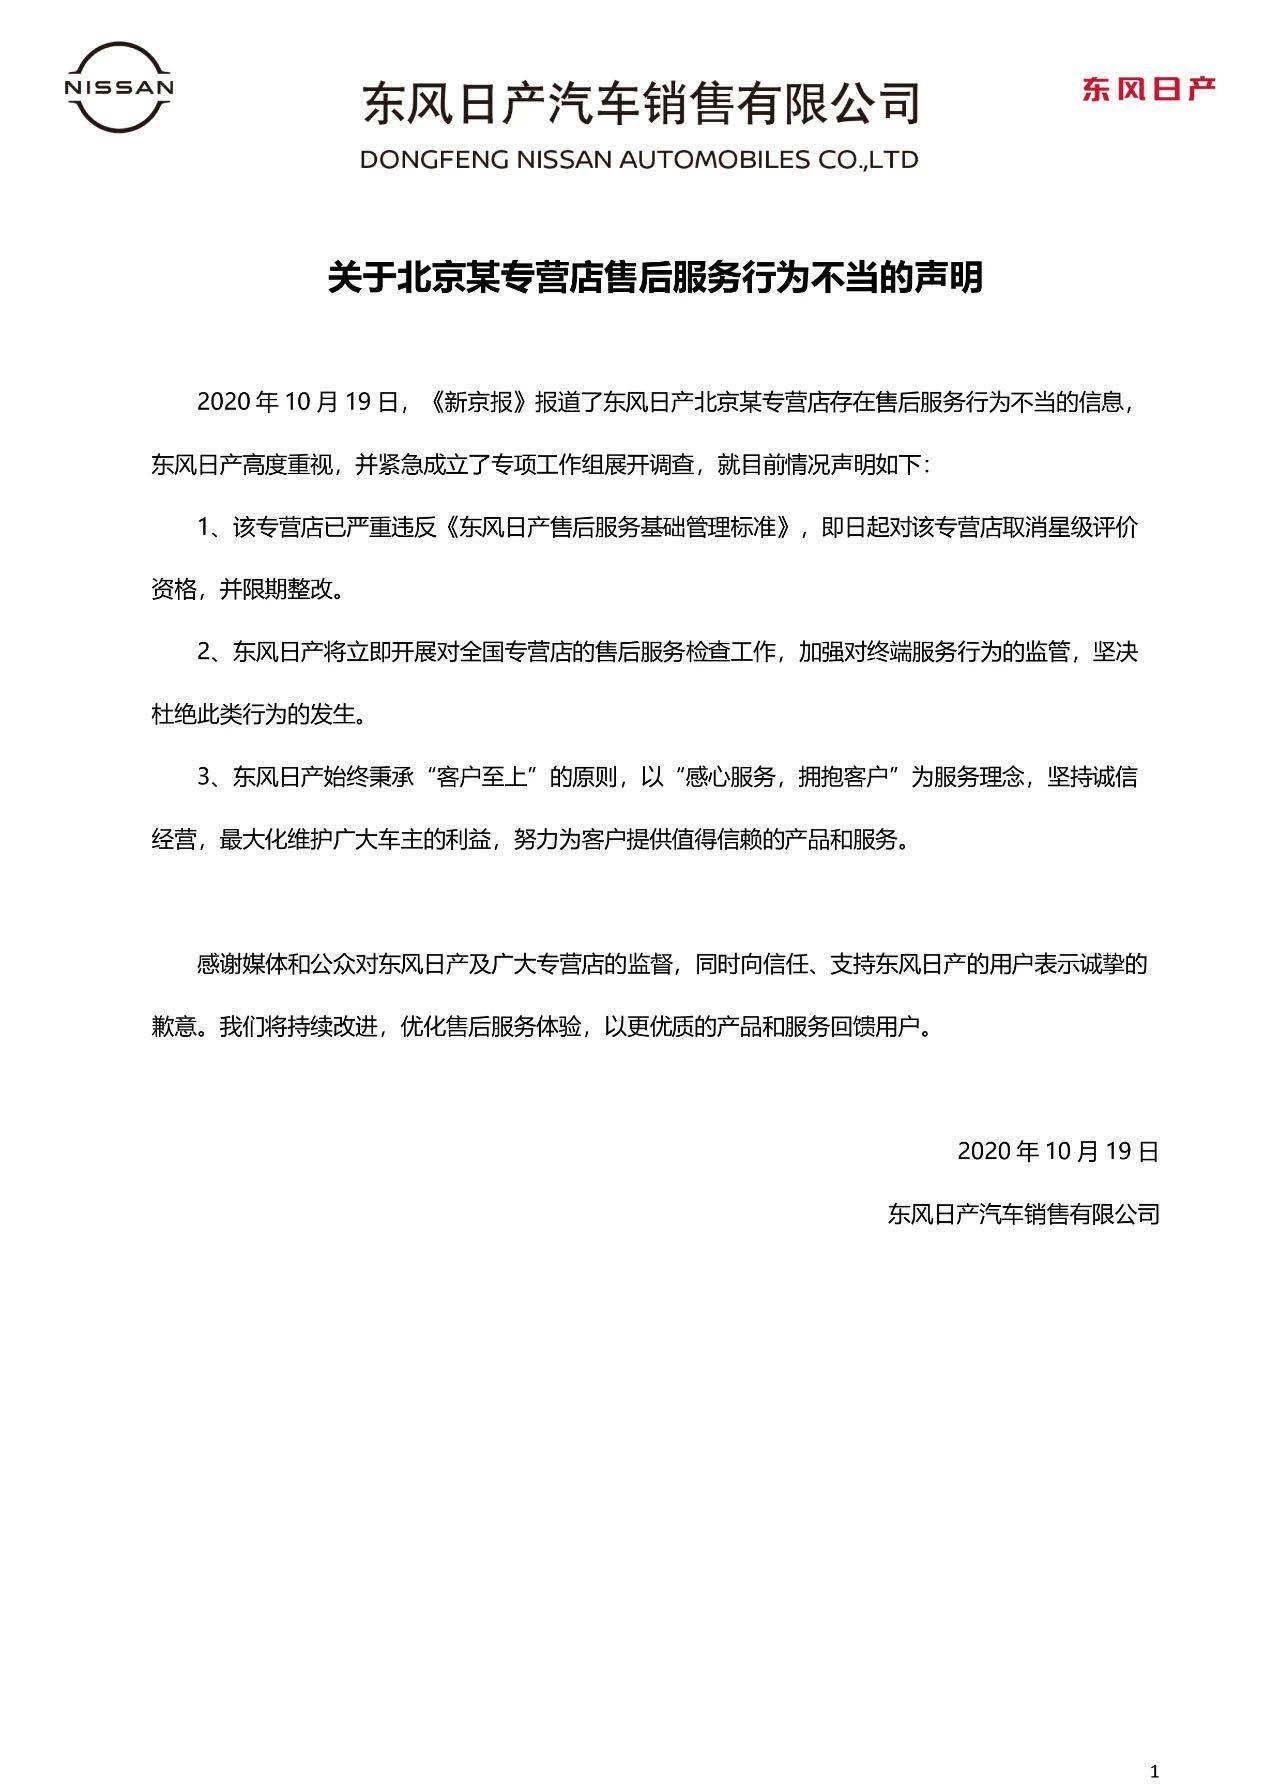 东风日产回应4S店维修乱象:成立专项工作组展开调查